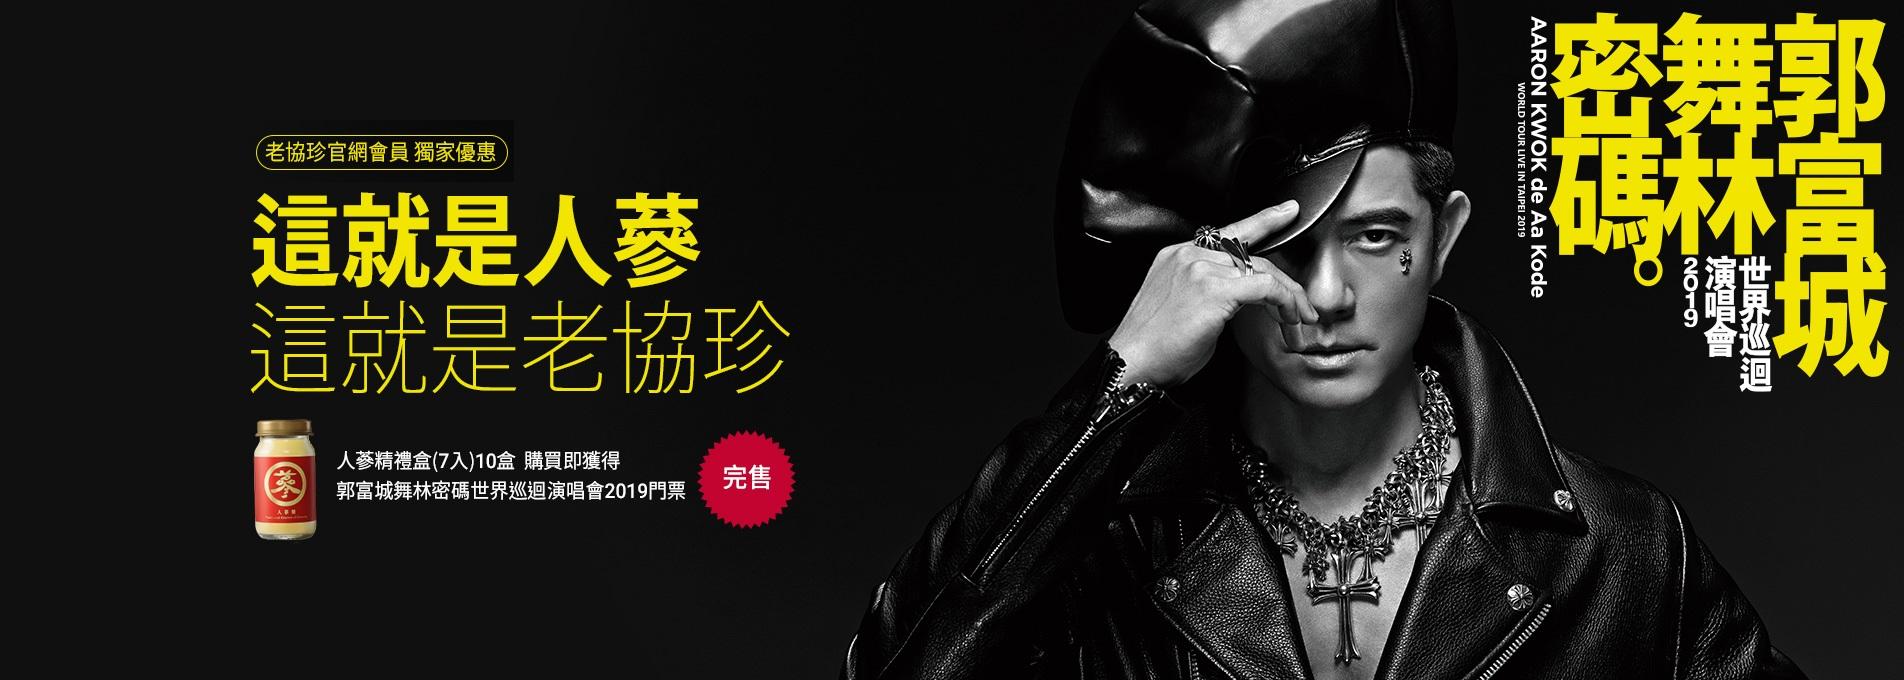 老協珍x郭富城演唱會限量組合_人蔘精禮盒(7入)10盒